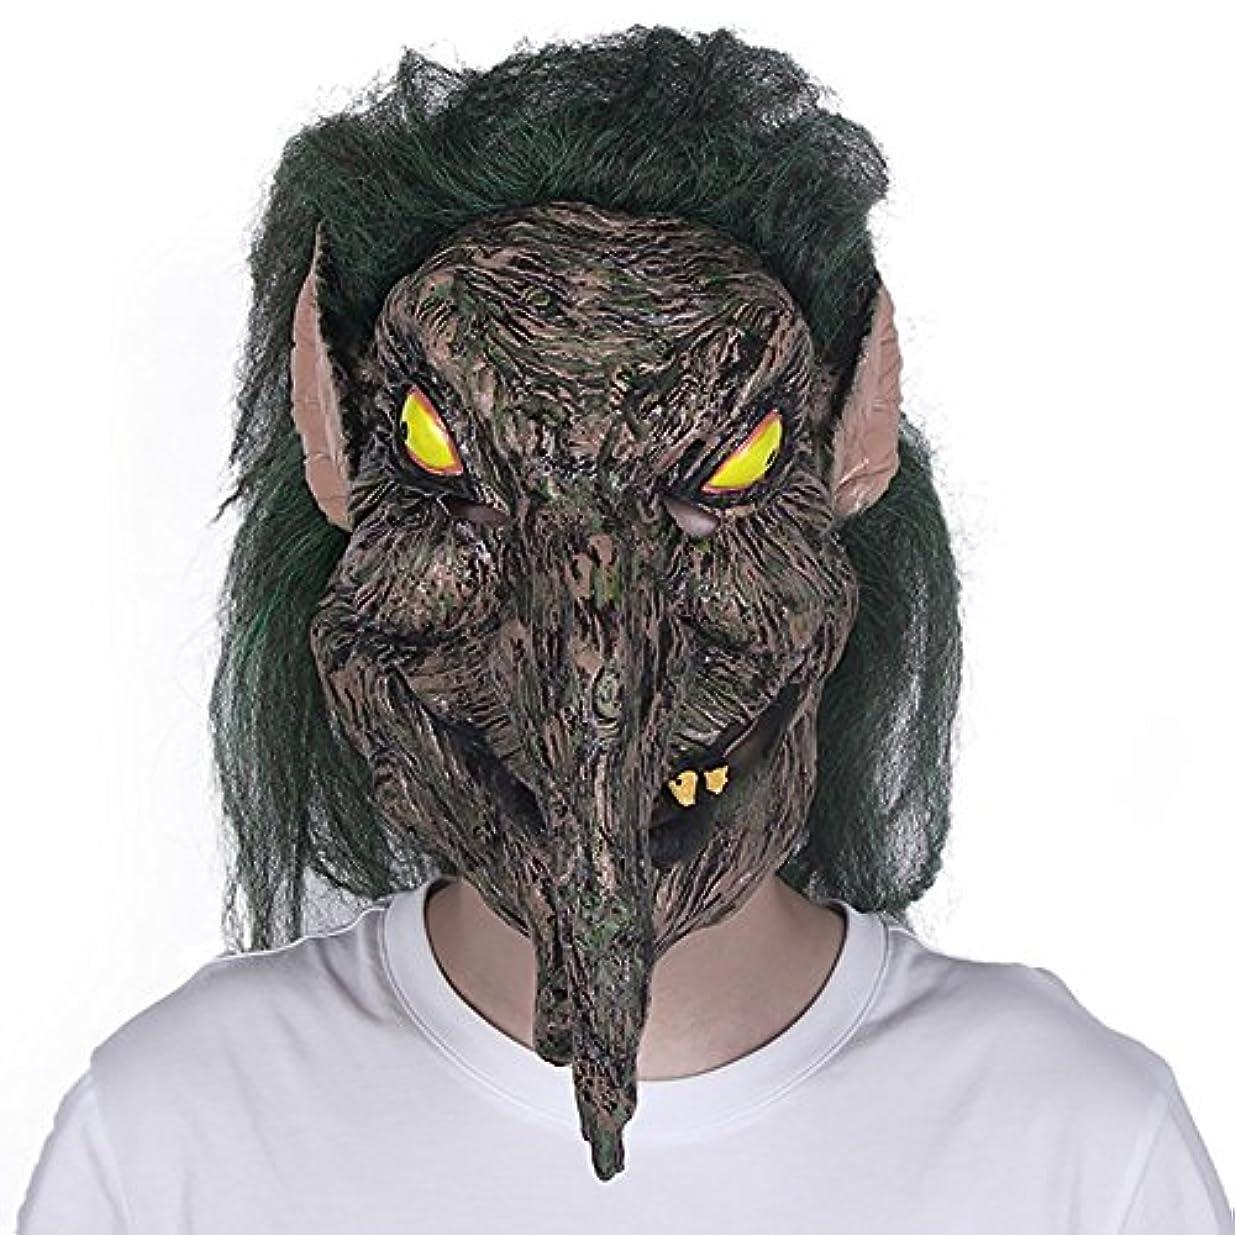 土曜日ではごきげんようポスターハロウィンホラーマスクしかめっ面大人の装飾ラテックスヘッドギア男性緑髪魔女怖いパーティーマスク